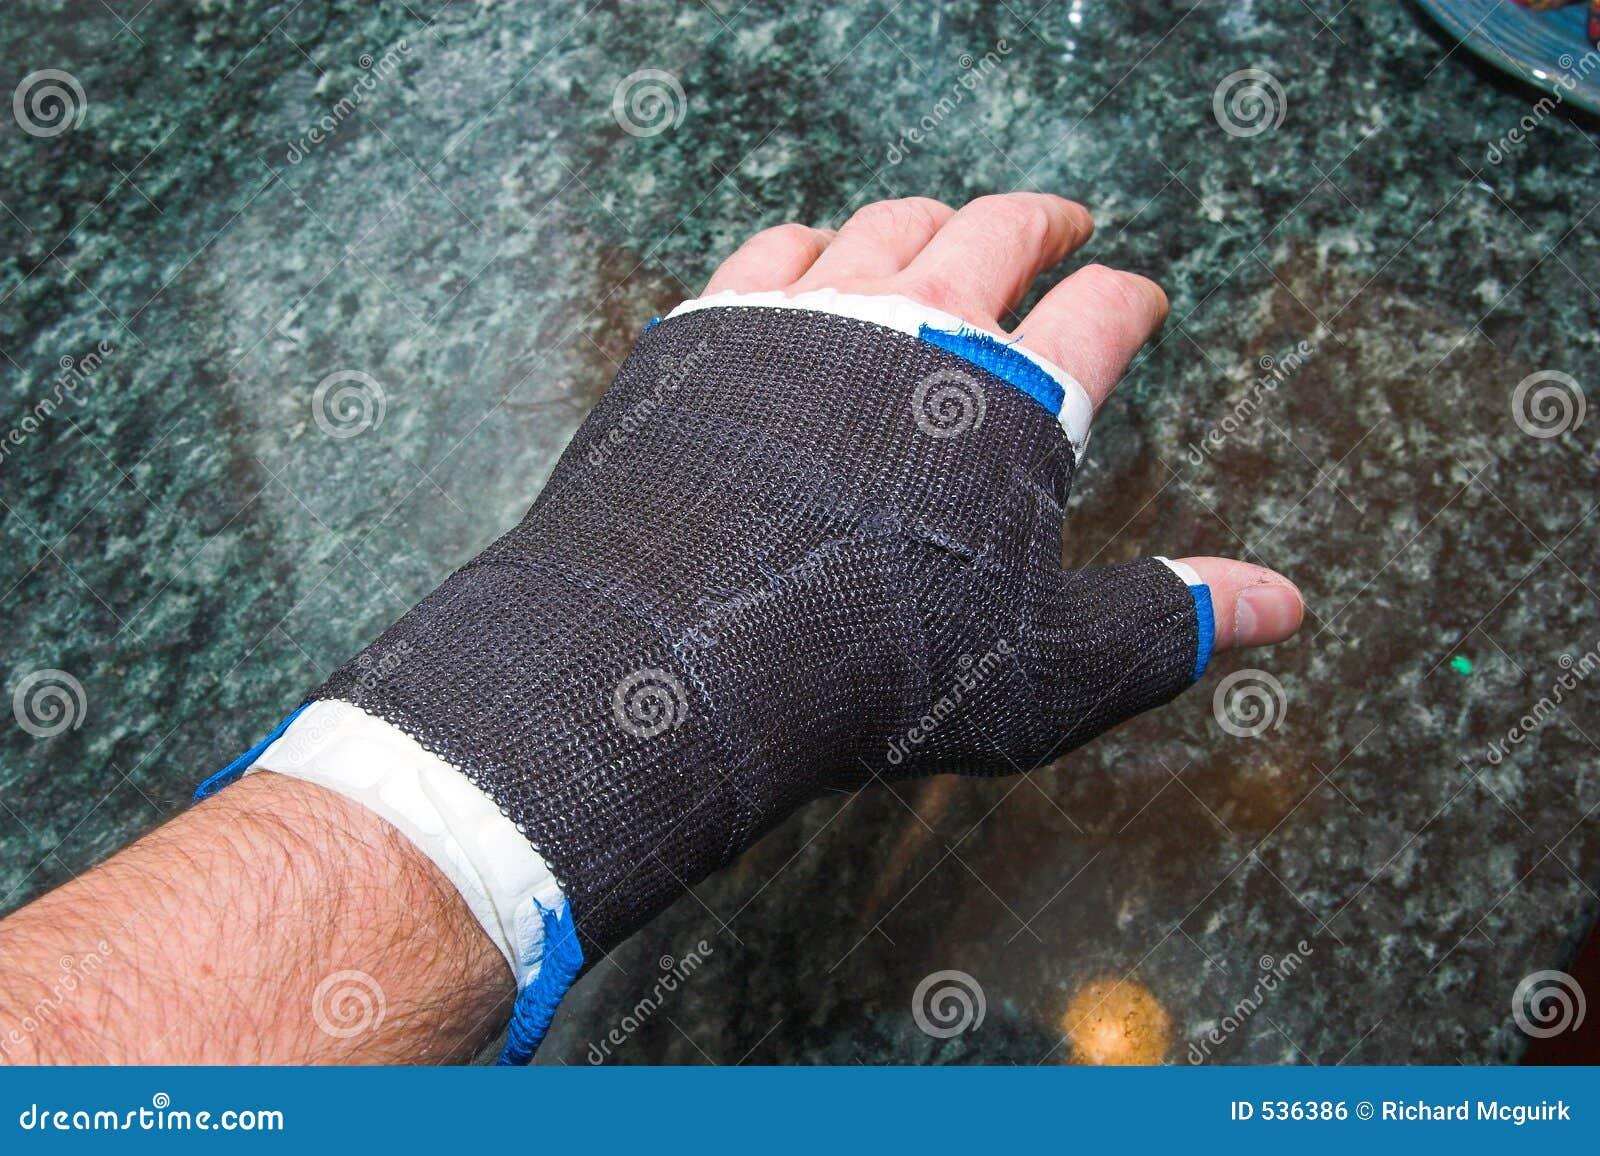 Einen gebrochenen Finger behandeln wikiHow